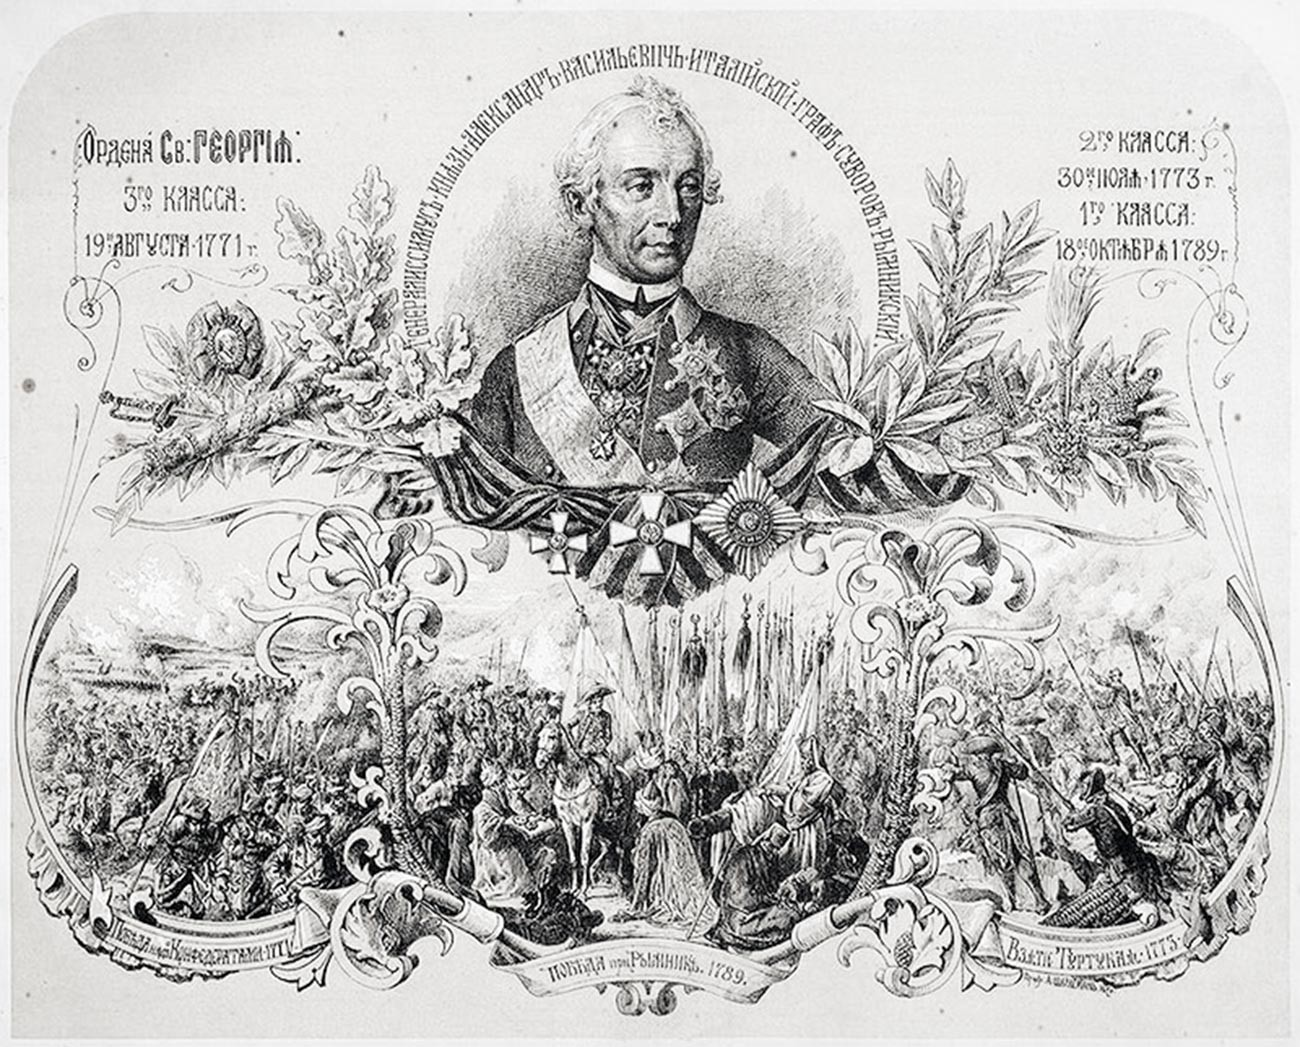 Гравированный портрет генералиссимуса Суворова, выполненный в 1870 году, на котором победа при Рымнике символически изображена в центре гравюры.